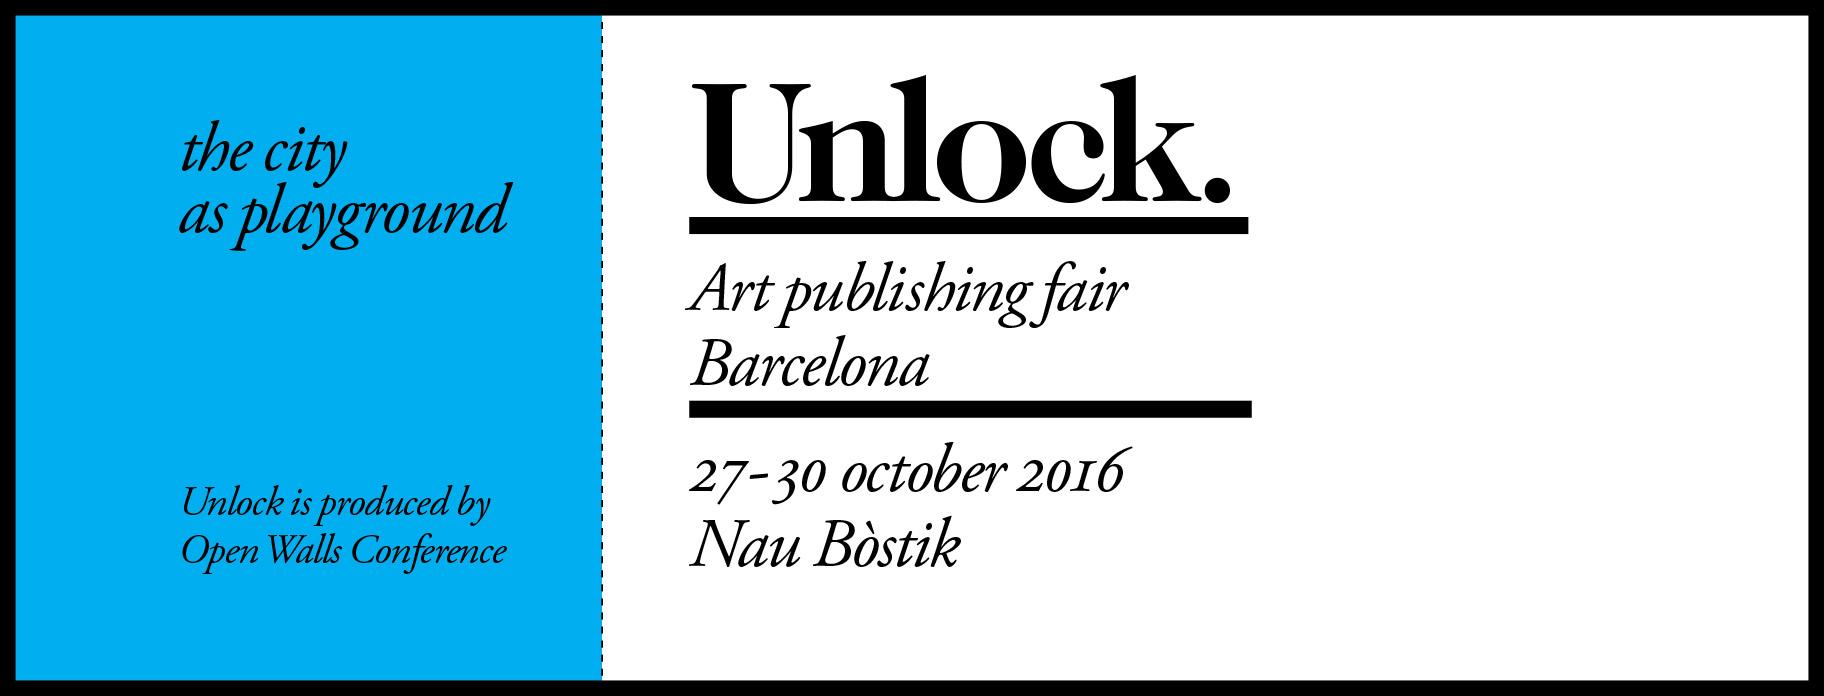 Unlockfair